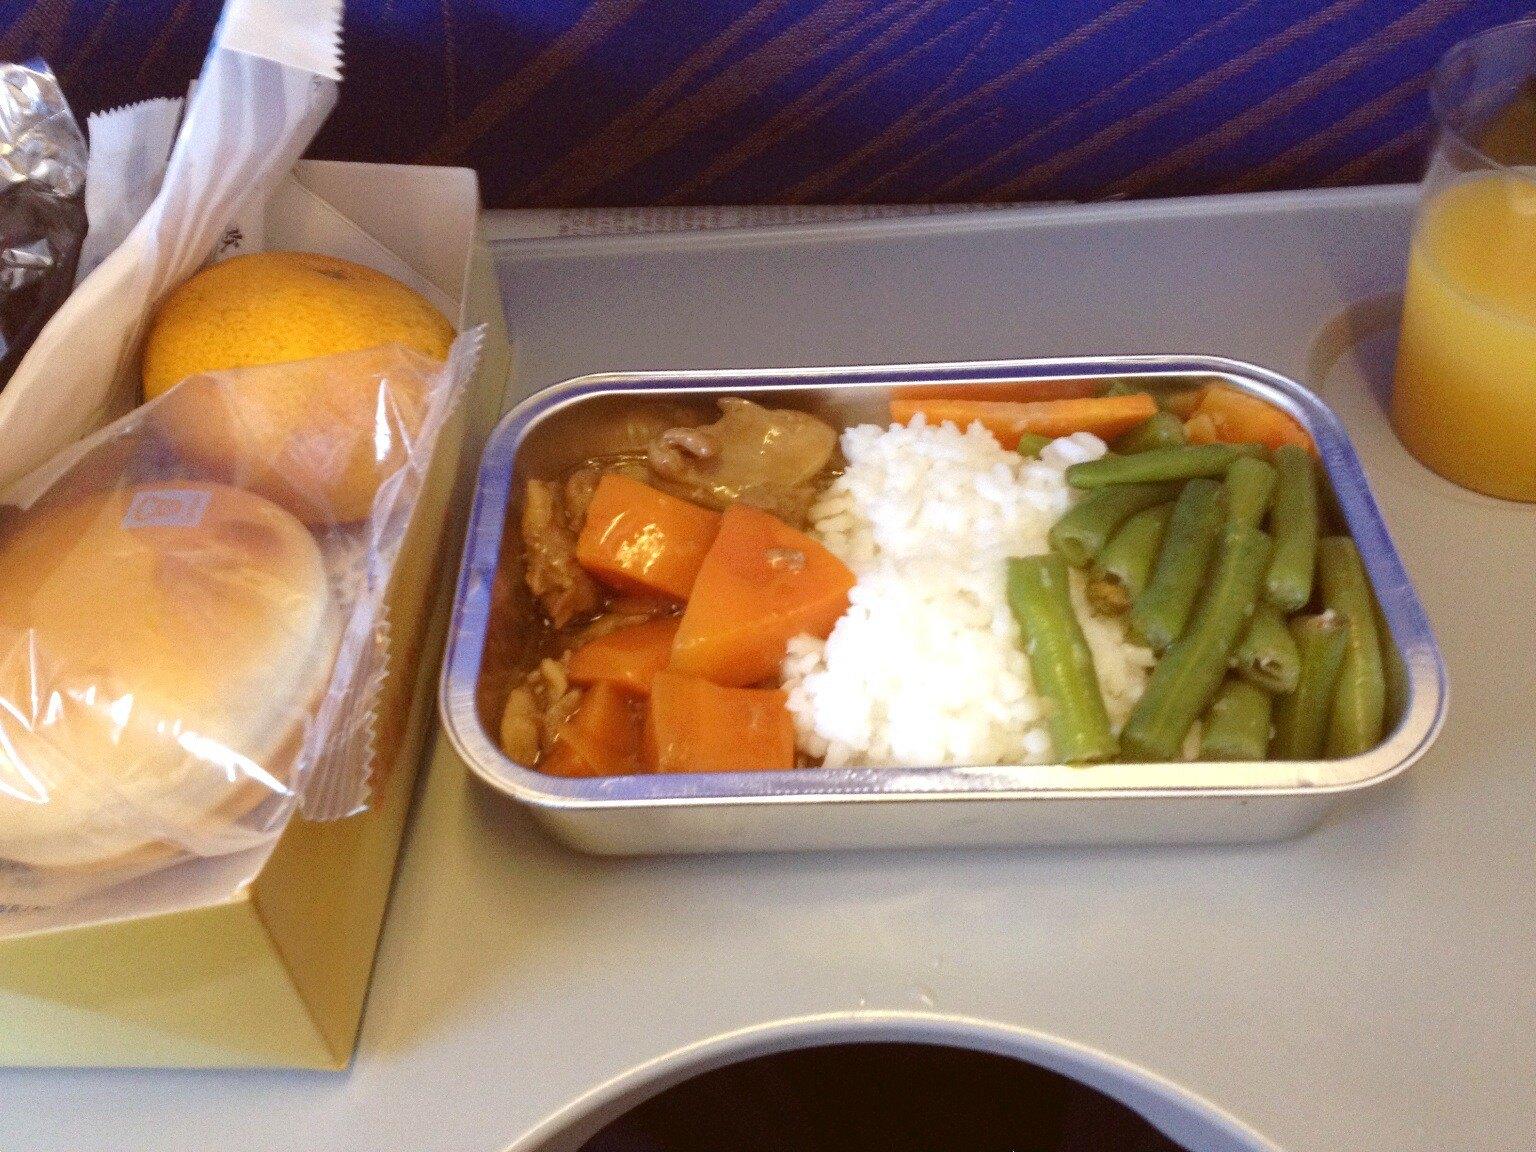 南航广州-宁波的中餐,只能说国内航班飞机餐的标准